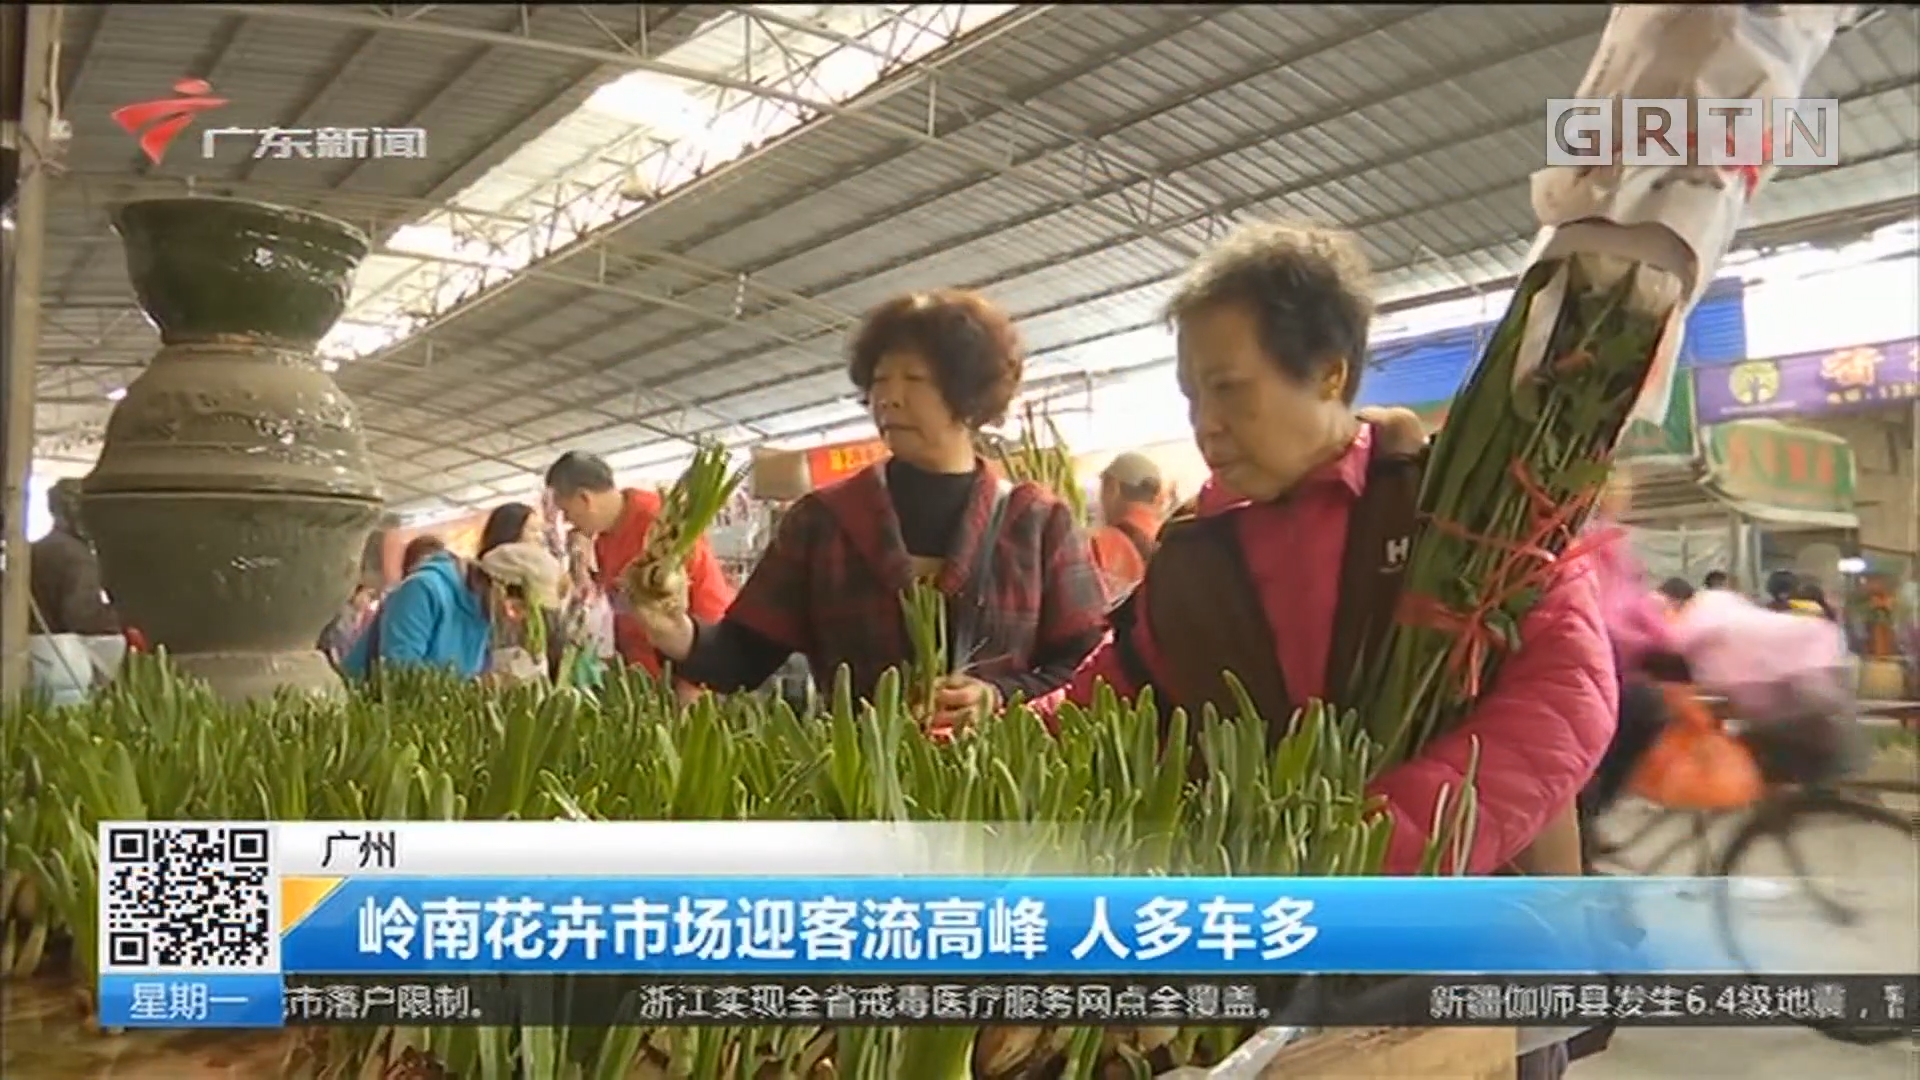 广州:岭南花卉市场迎客流高峰 人多车多